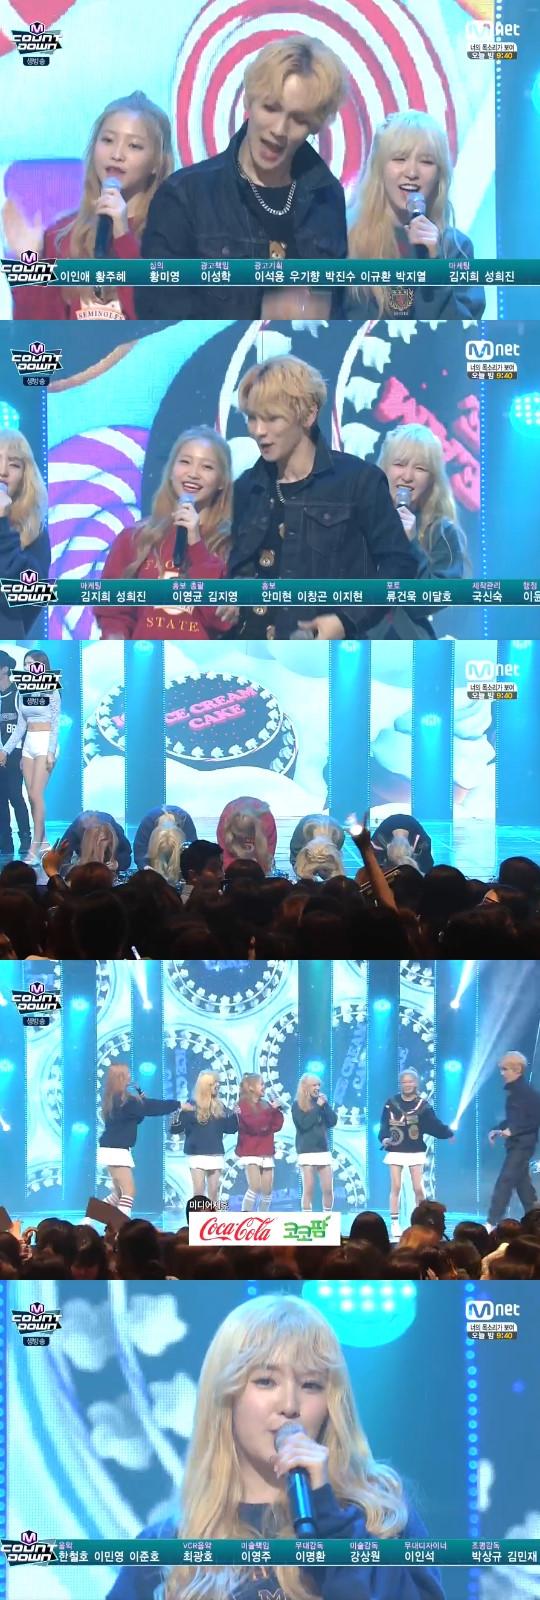 레드벨벳 1위 엠카운트다운